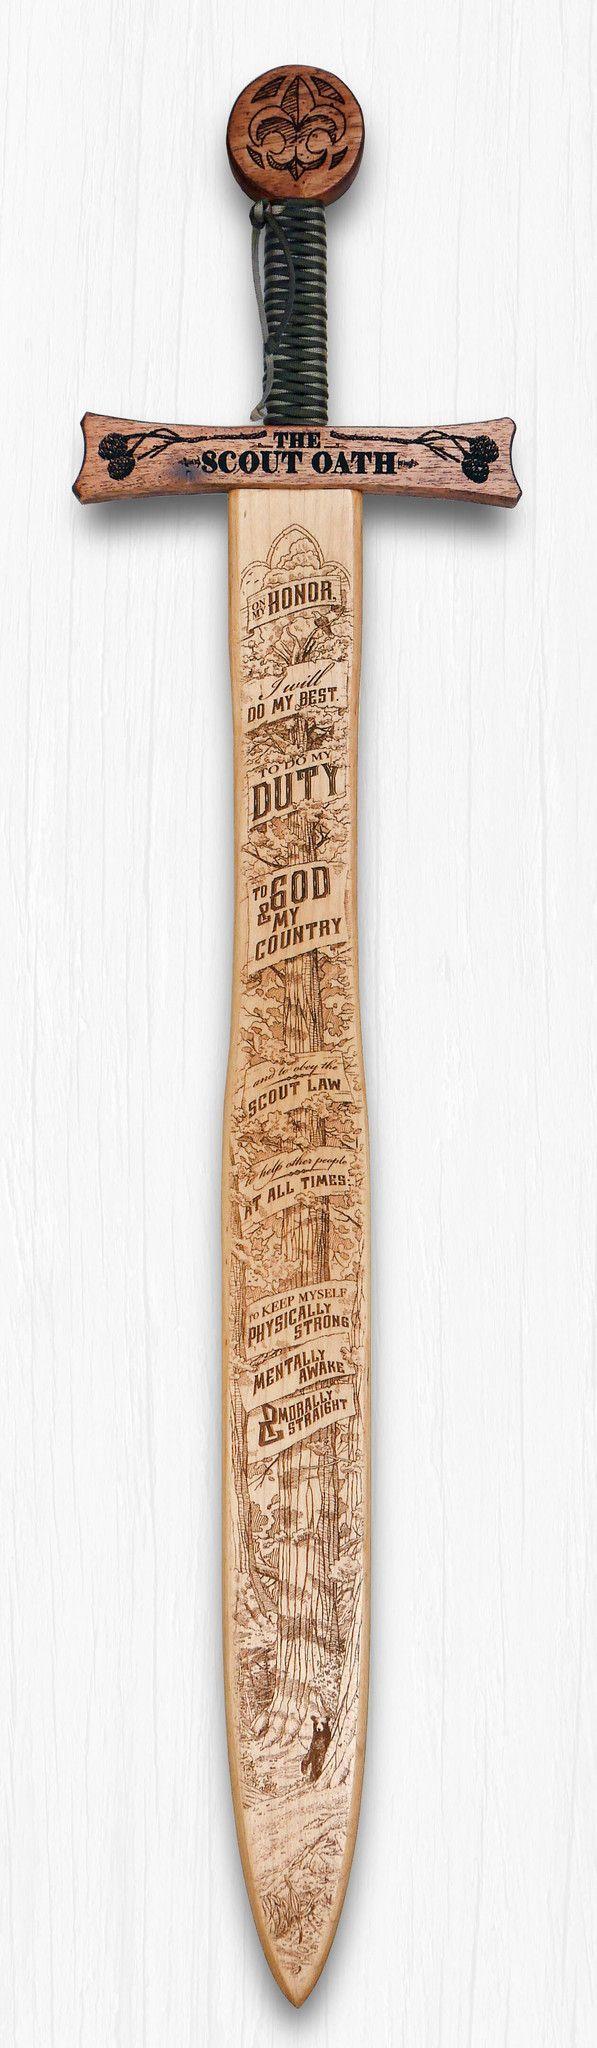 Boy Scout Oath - Wooden Sword Wall Art